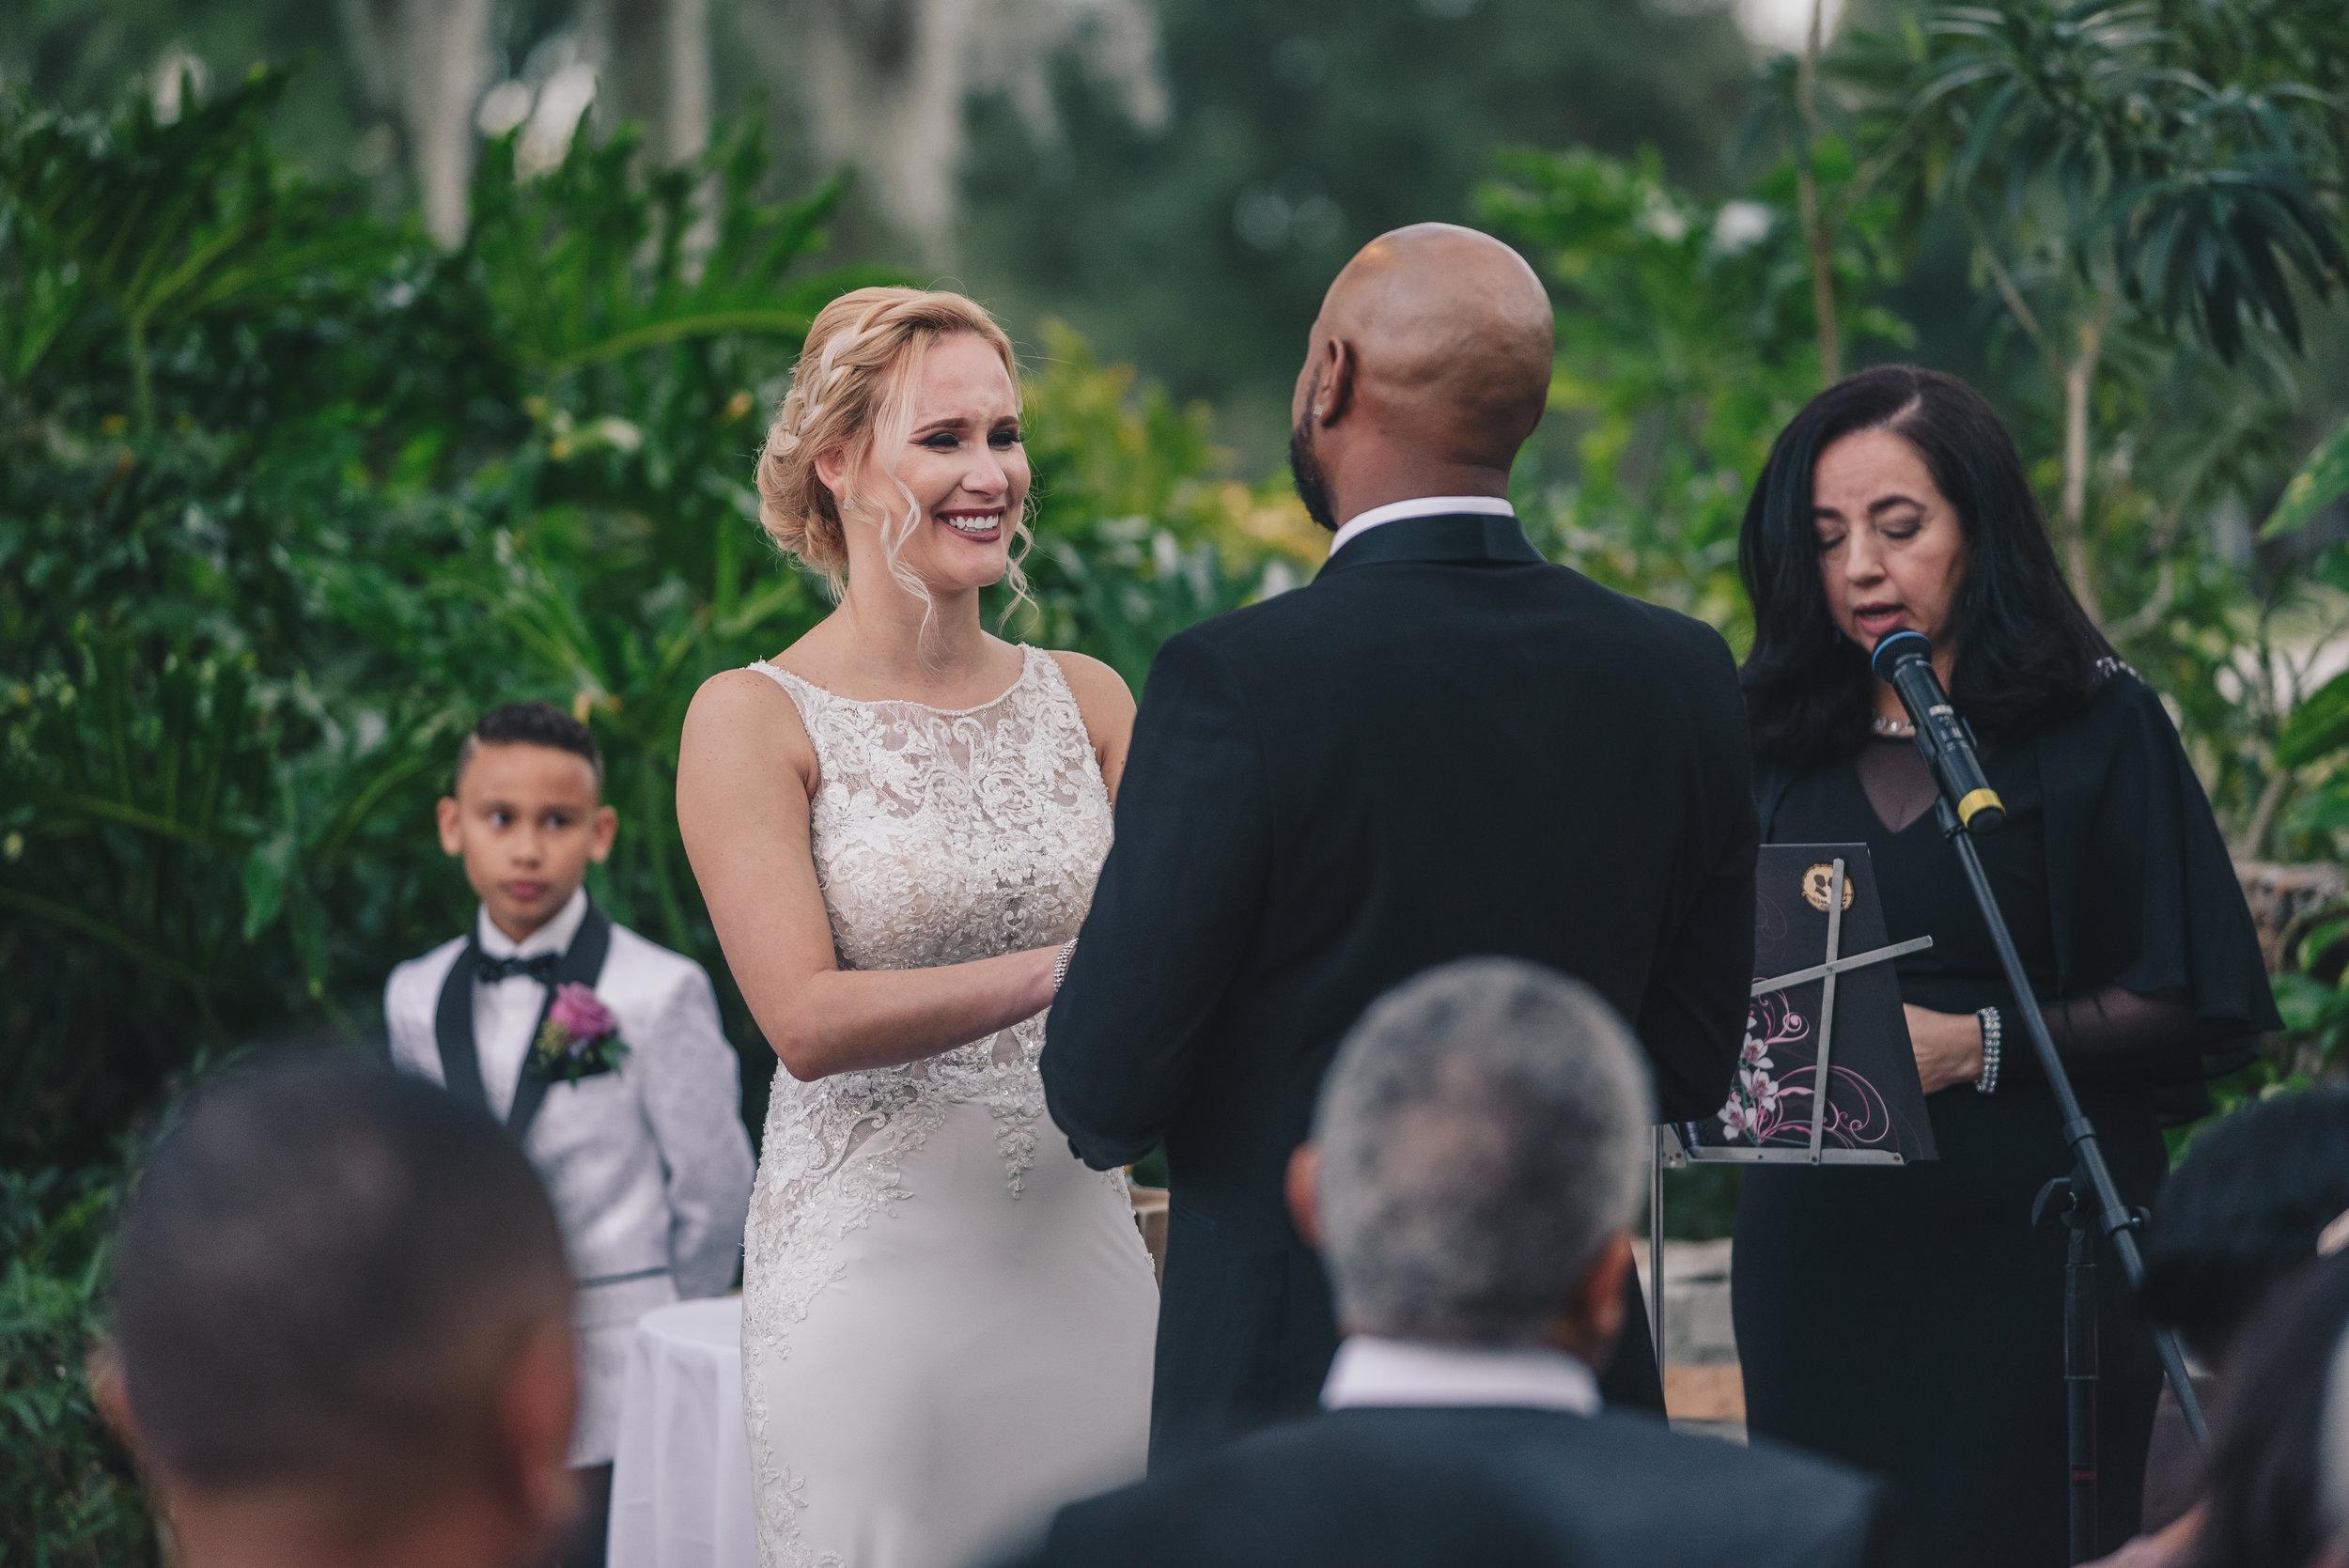 Los-Vargas-Photo-Wedding-Historic-Dubsdread-Ballroom-8357.jpg